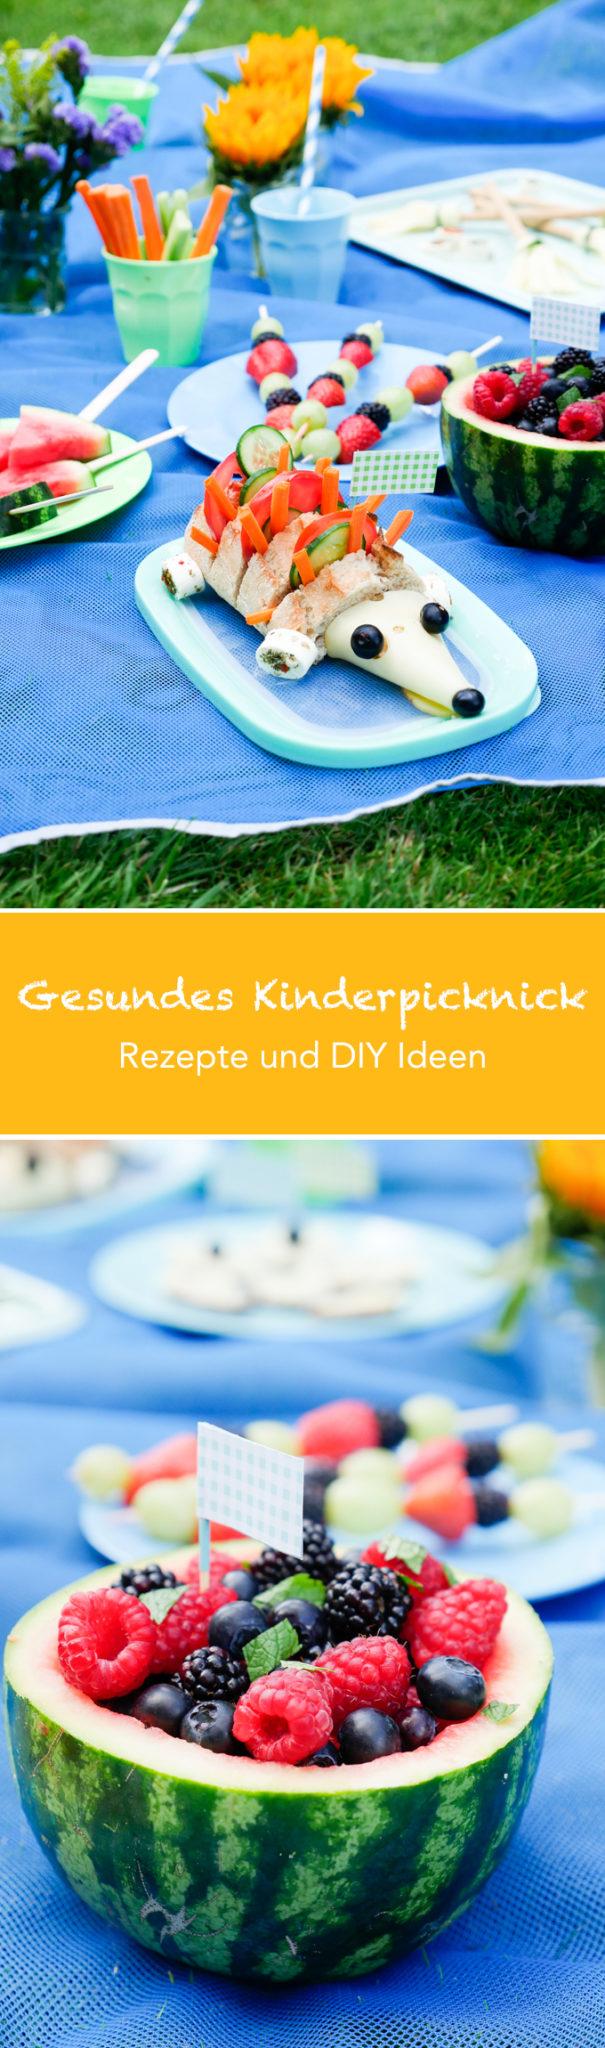 Gesundes Kinderpicknick - Rezepte und DIY Ideen